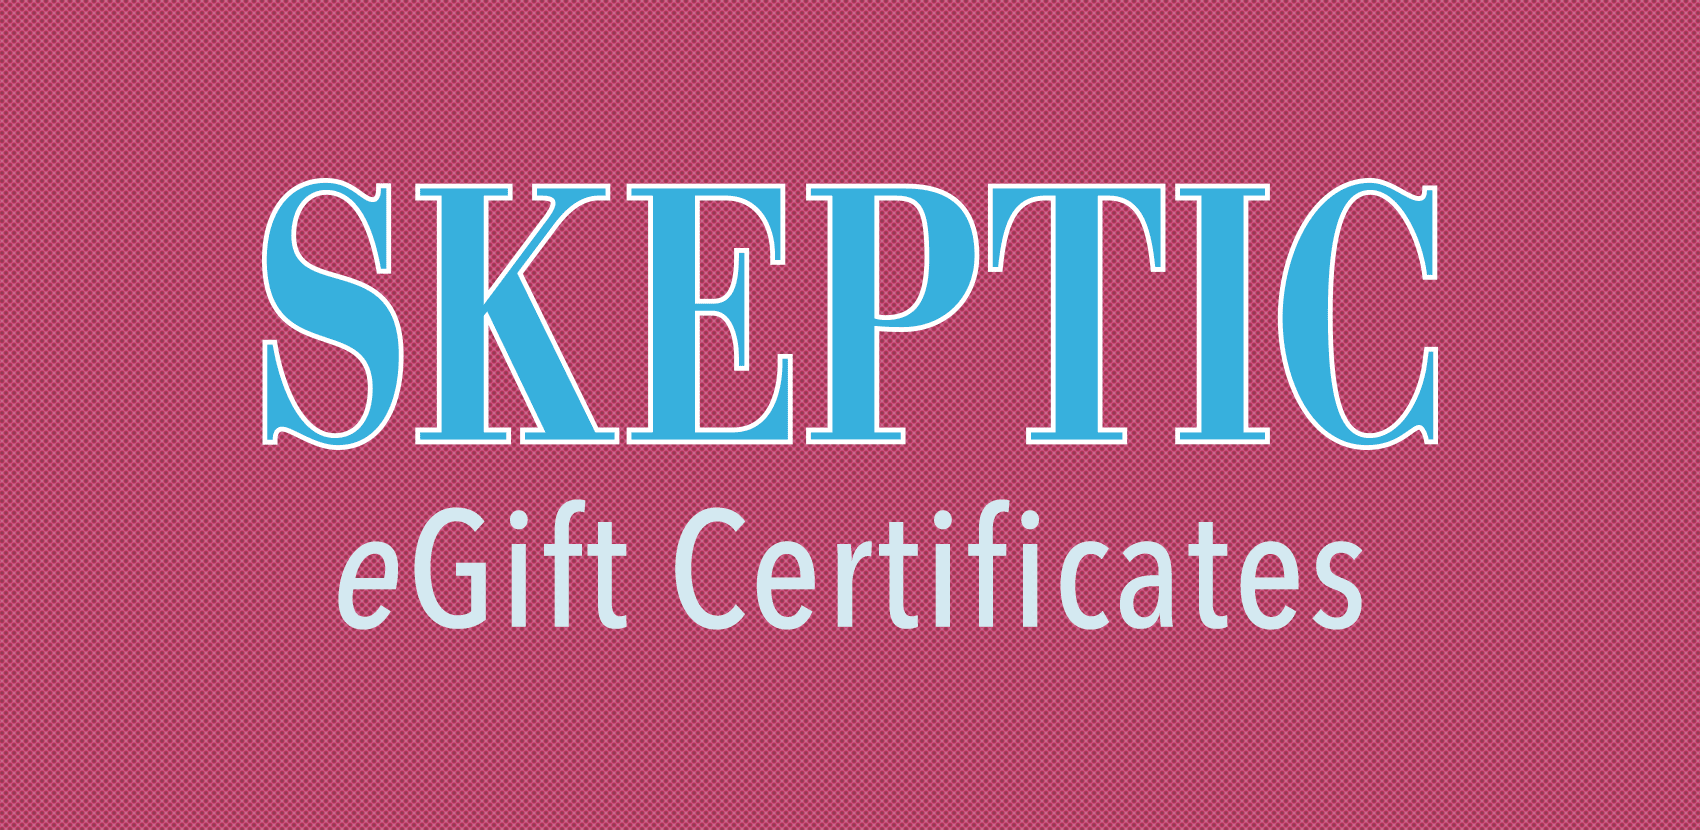 Skeptic eGift Certificates